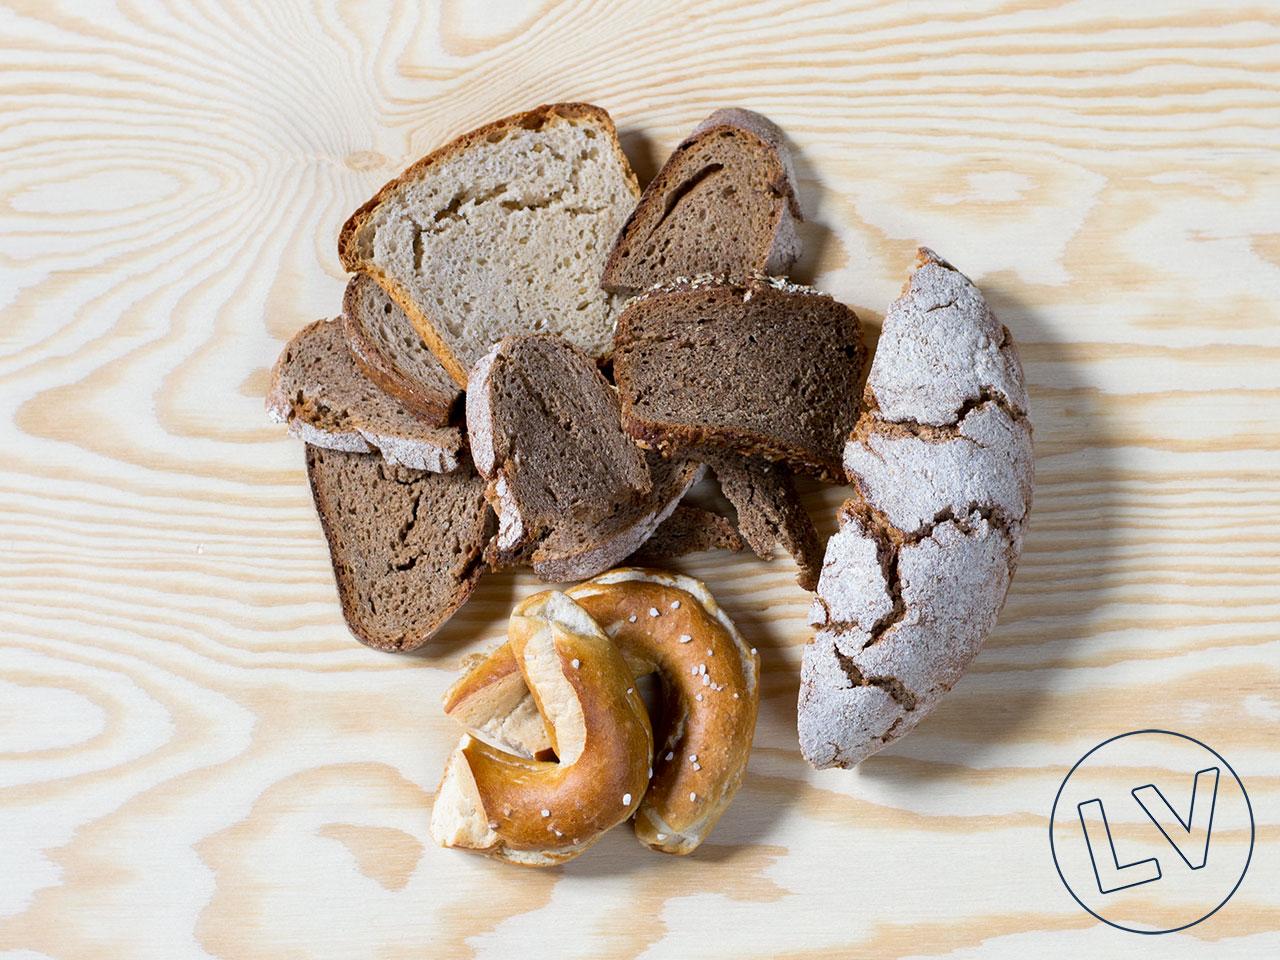 Altbackenes Brot, Brezen und Semmeln – viel zu schade für die Biotonne